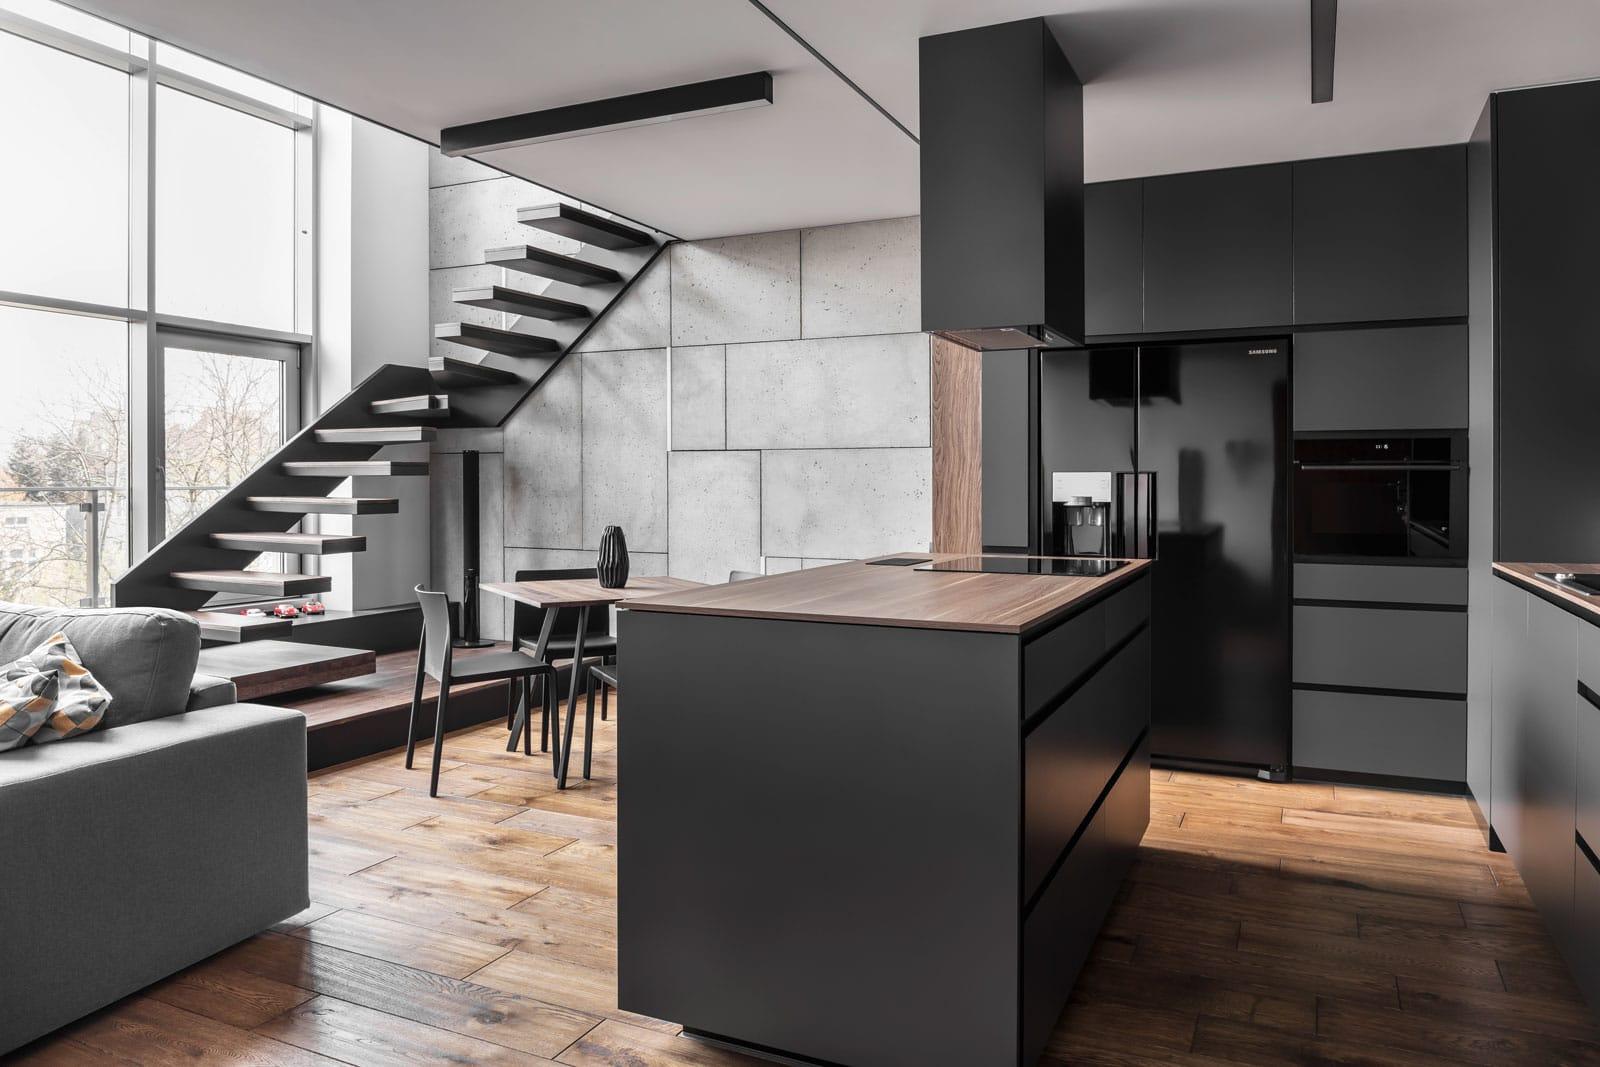 Mieszkanie w Poznaniu, widok na salon ze schodami